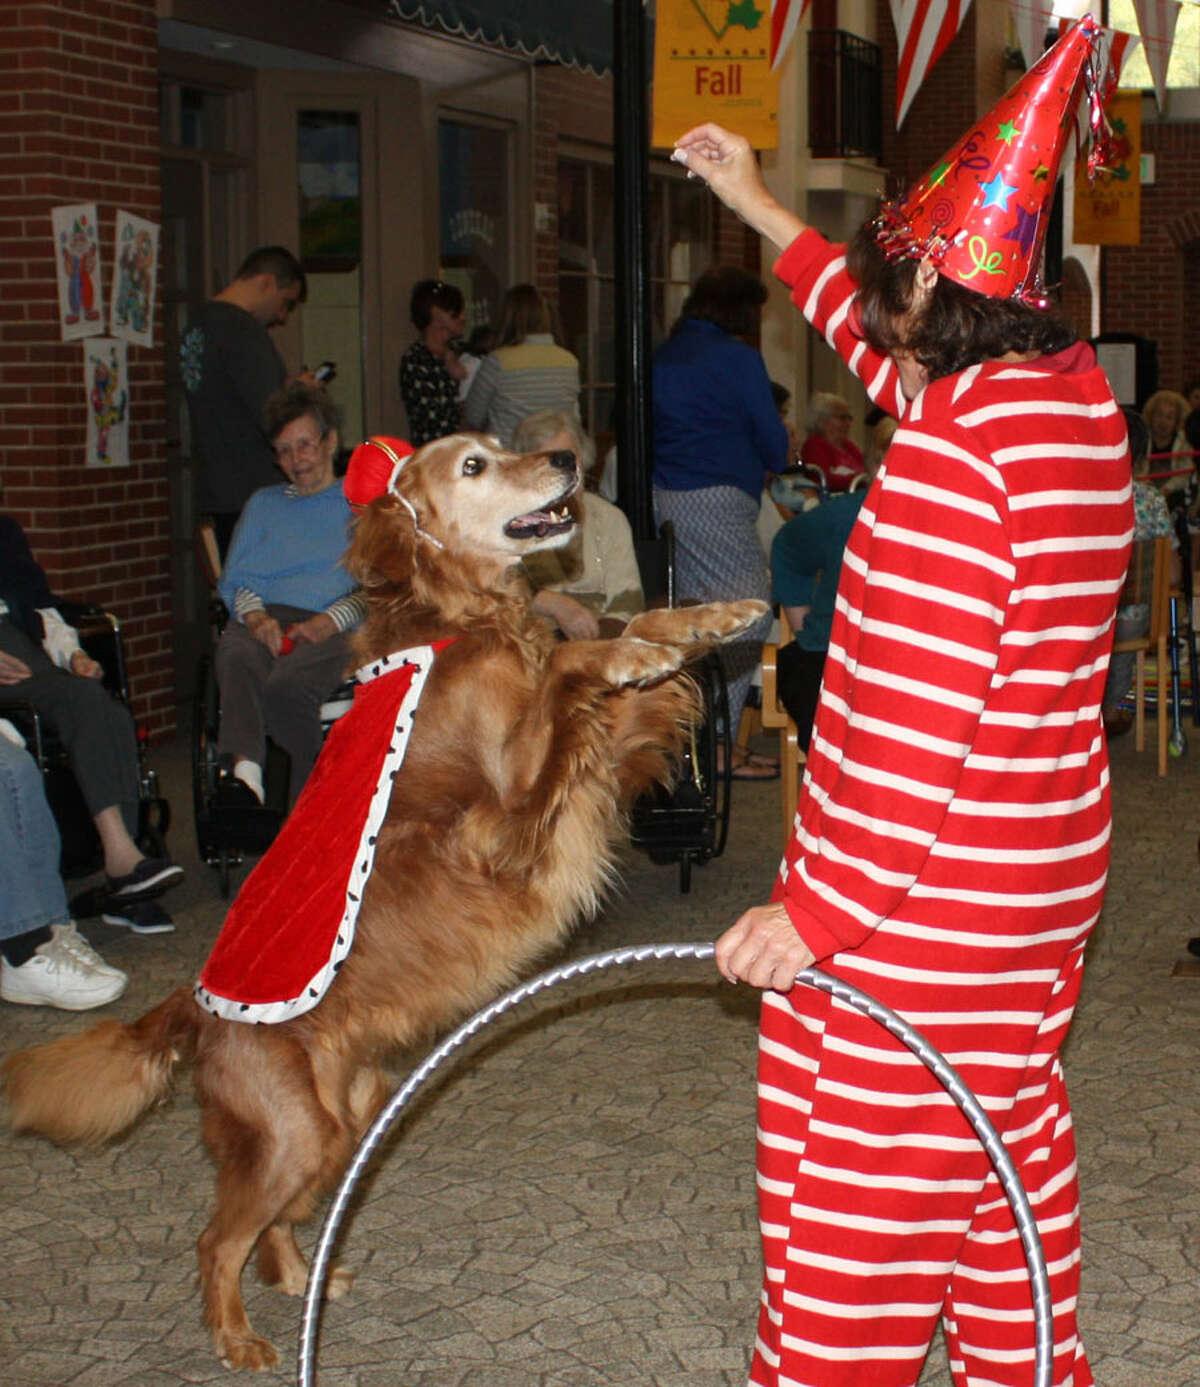 Waveny's therapy dog Meca plays